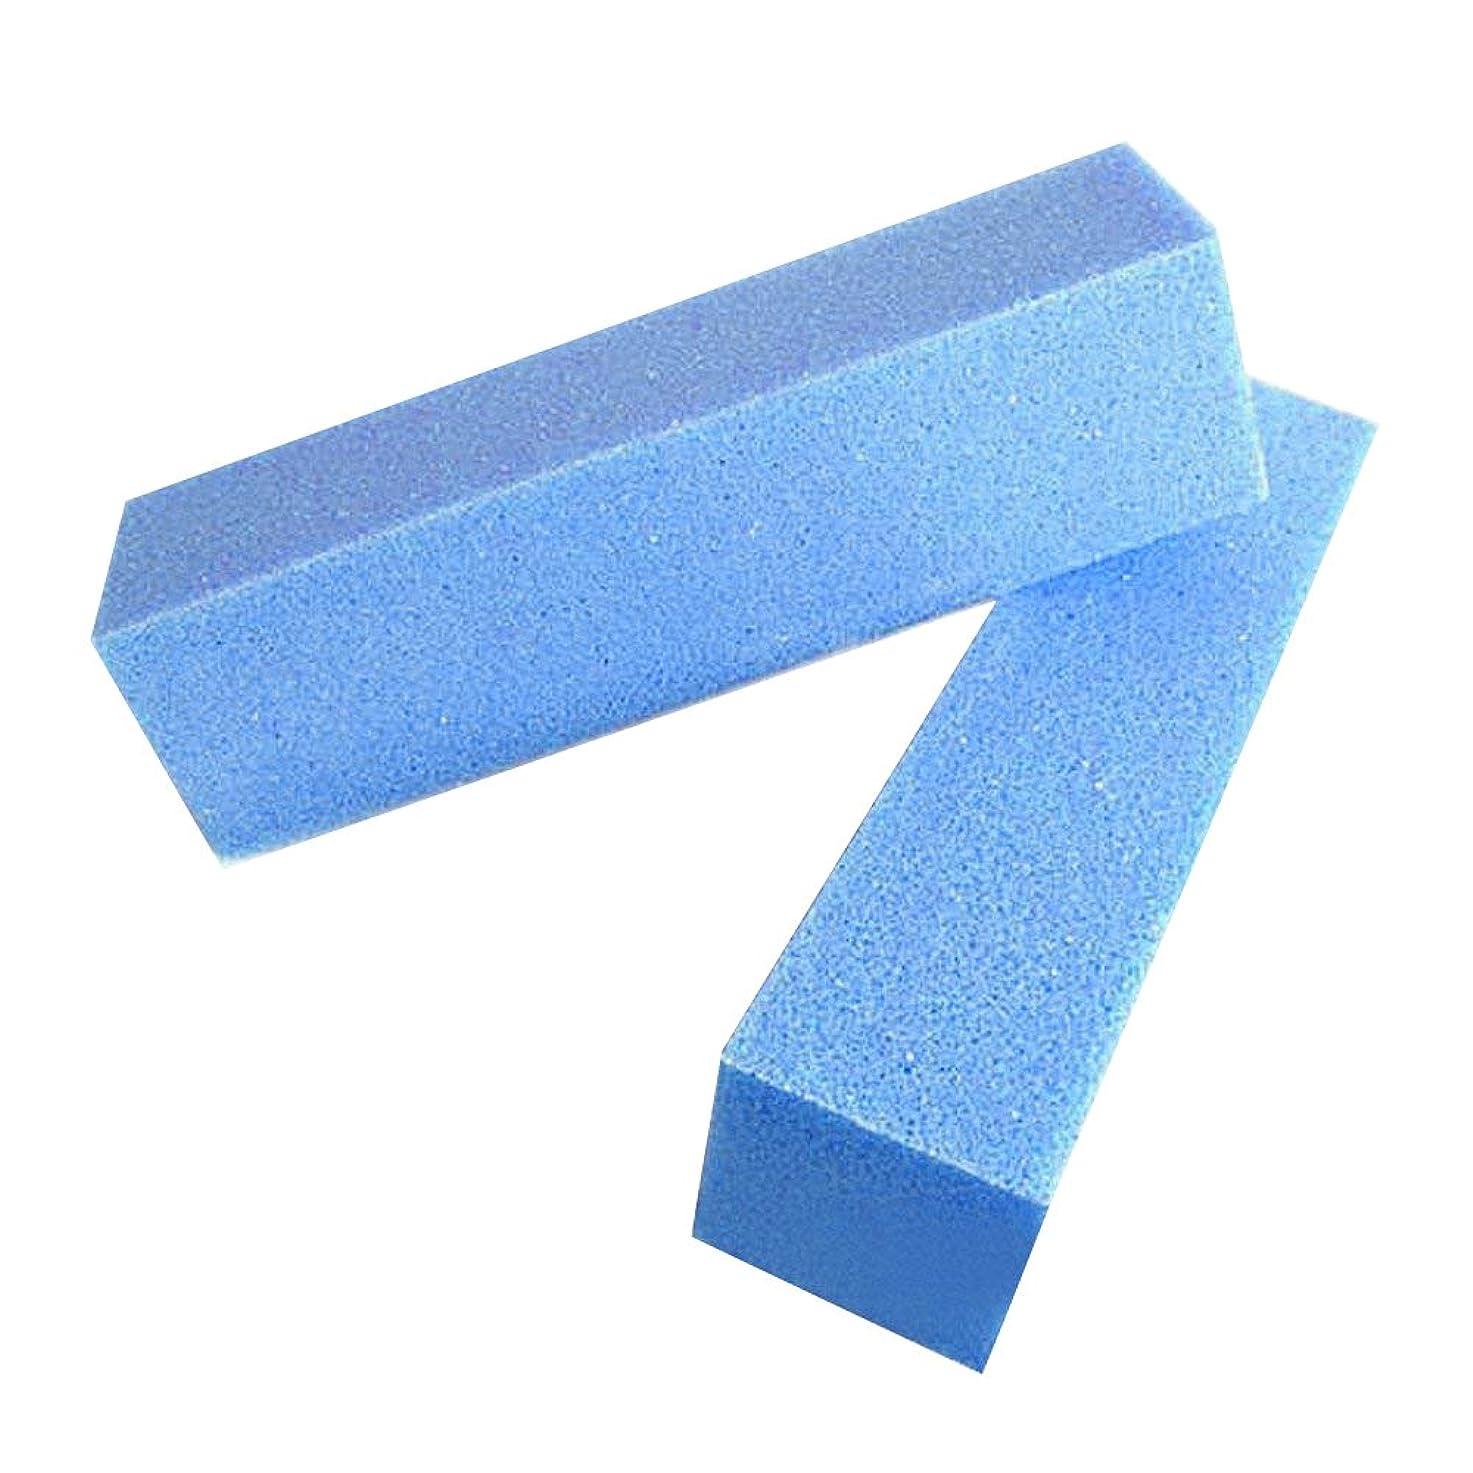 Pichidr ブロックバッファー ジェルネイルバッファー 4面可能 手入れ 爪磨き ネイル用品 ブルー 5本セット